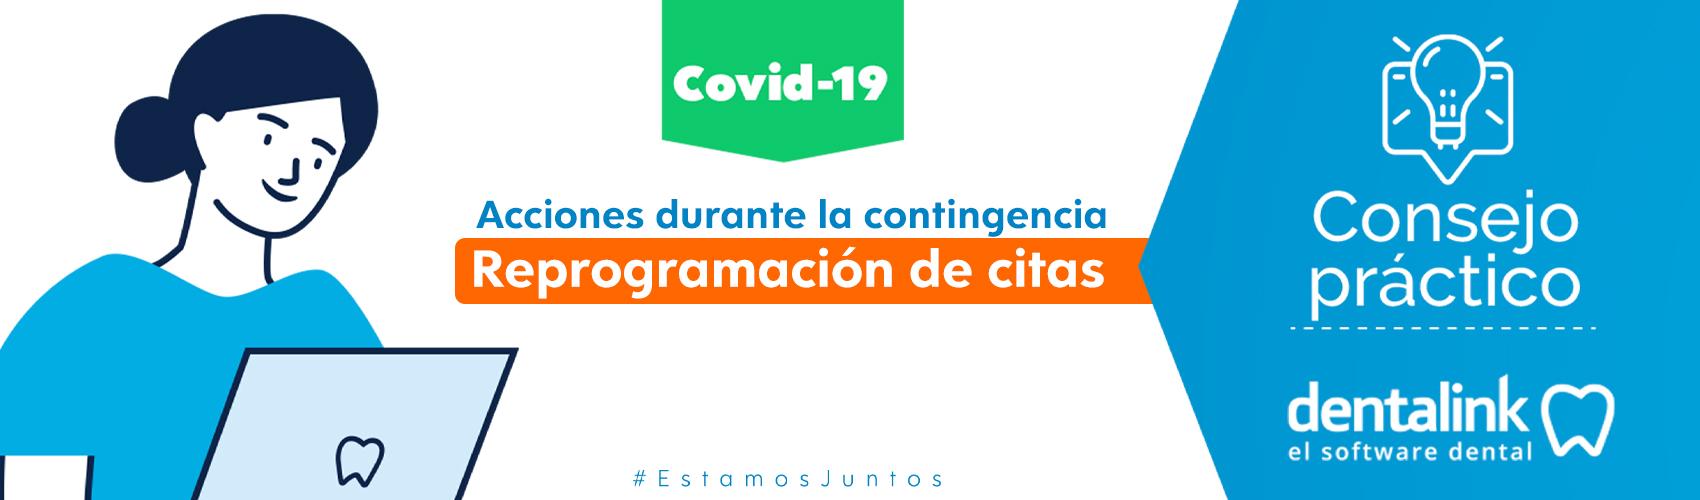 Reprogramación de citas por COVID-19